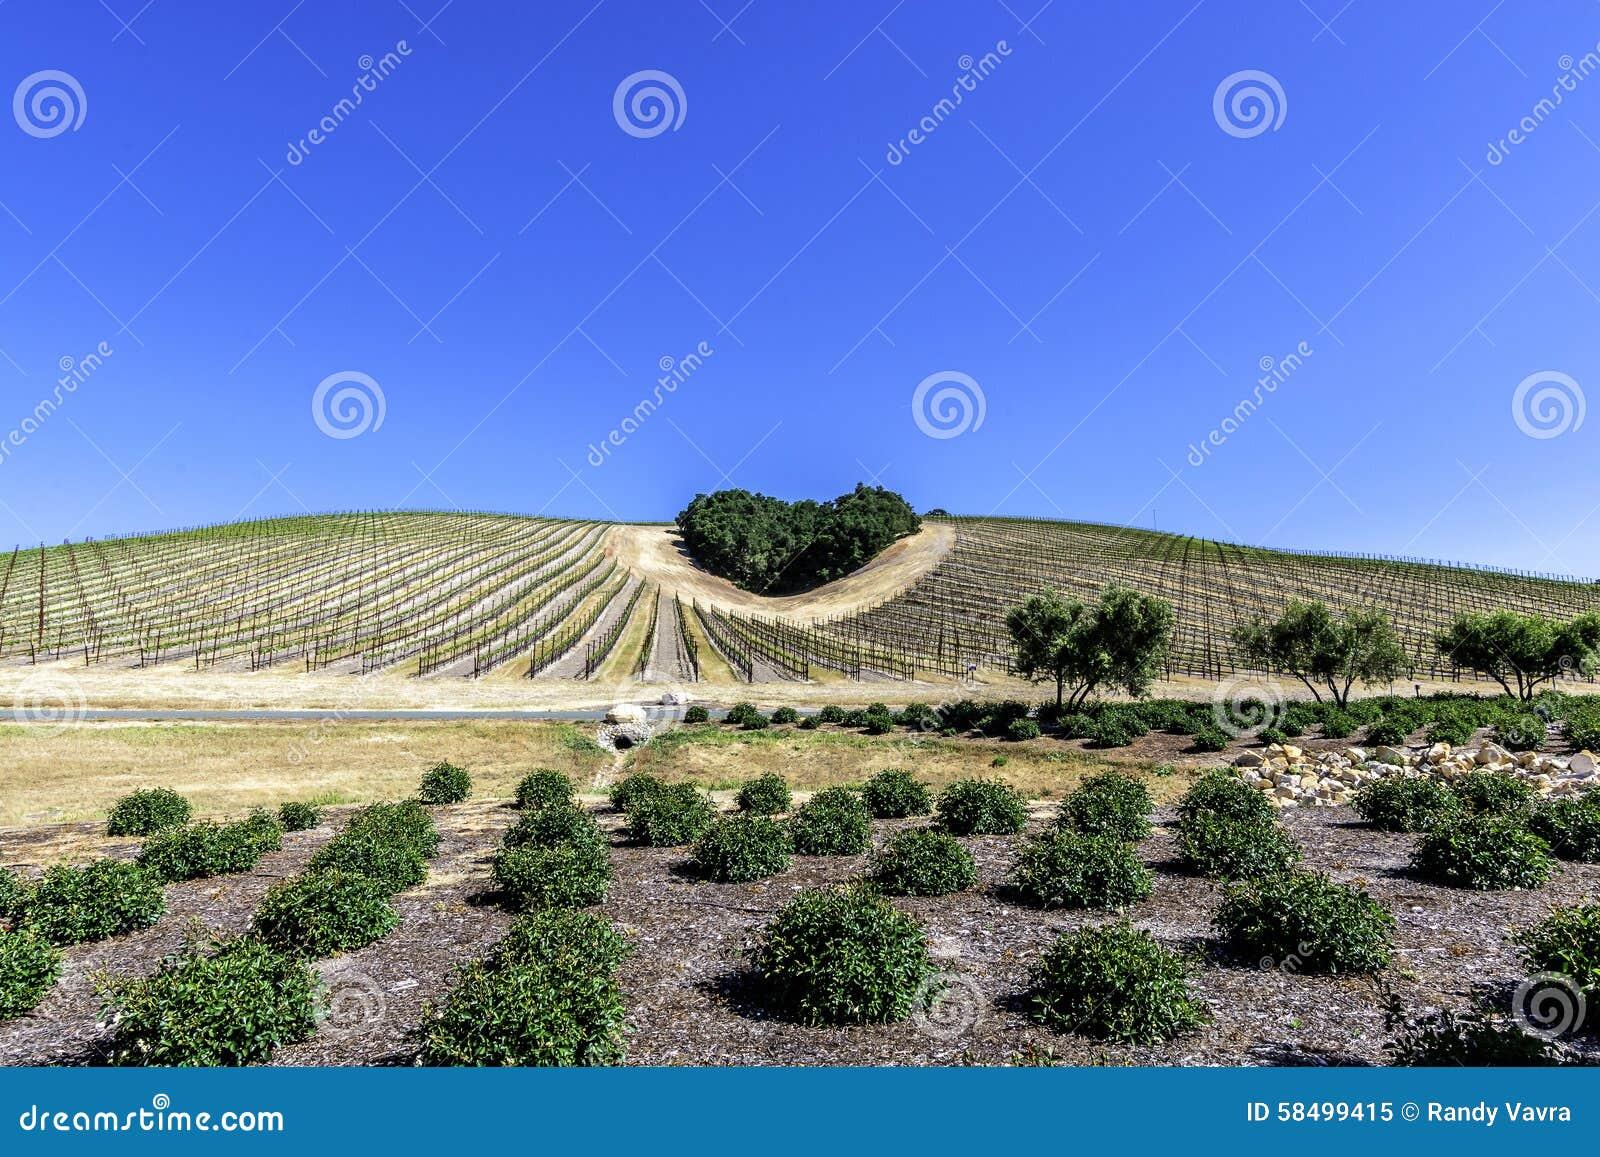 un taillis des arbres forme une forme de coeur sur les collines sc niques image stock image. Black Bedroom Furniture Sets. Home Design Ideas